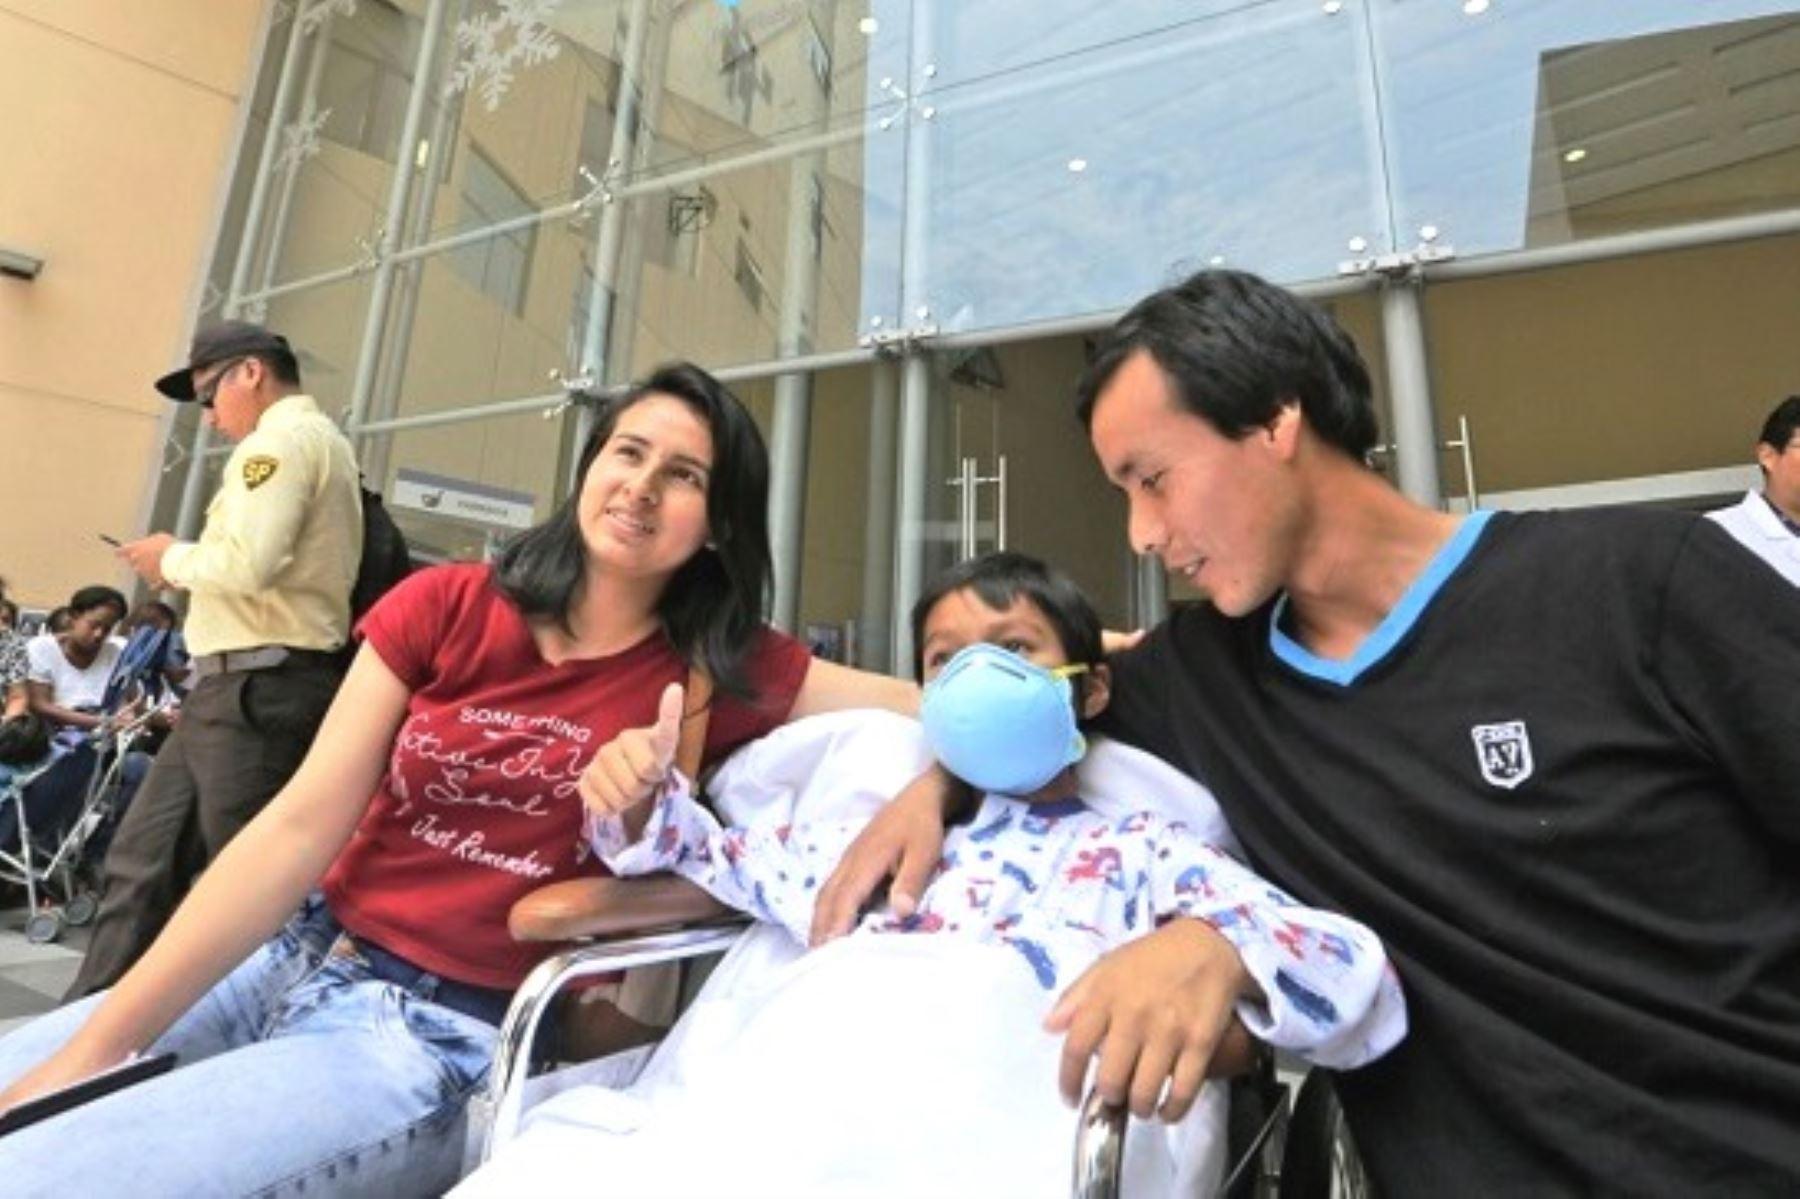 Médicos del Minsa realizan trasplante hepático para salvar la vida de niño de 9 años. Foto: ANDINA/Difusión.